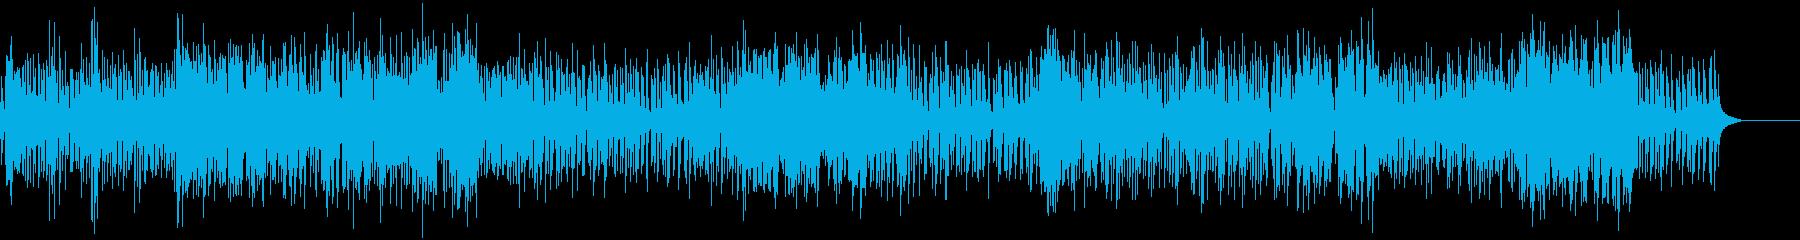 和風賑やか、祝祭=ドラム+ブラス+三味線の再生済みの波形